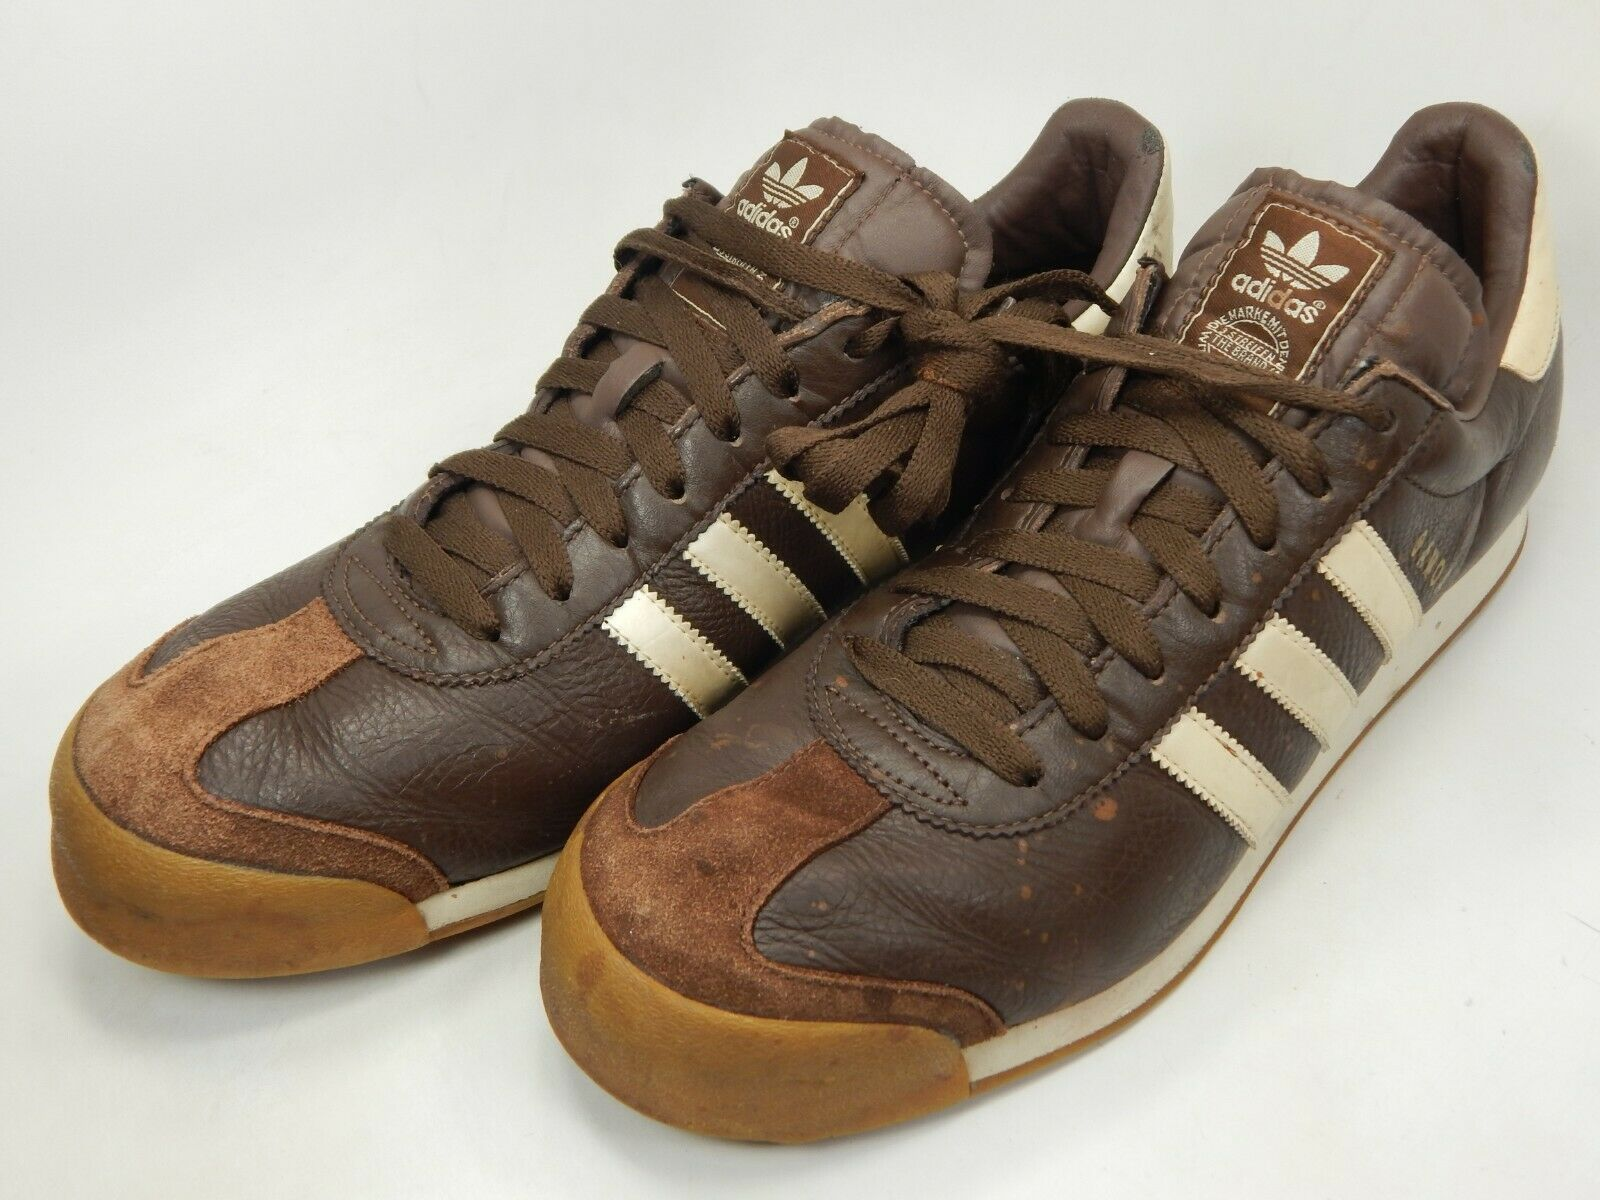 Adidas Samoa Größe US 12 M (D) Eu 46 2/3 Herren Freizeit Turnschuhe Braune image 3